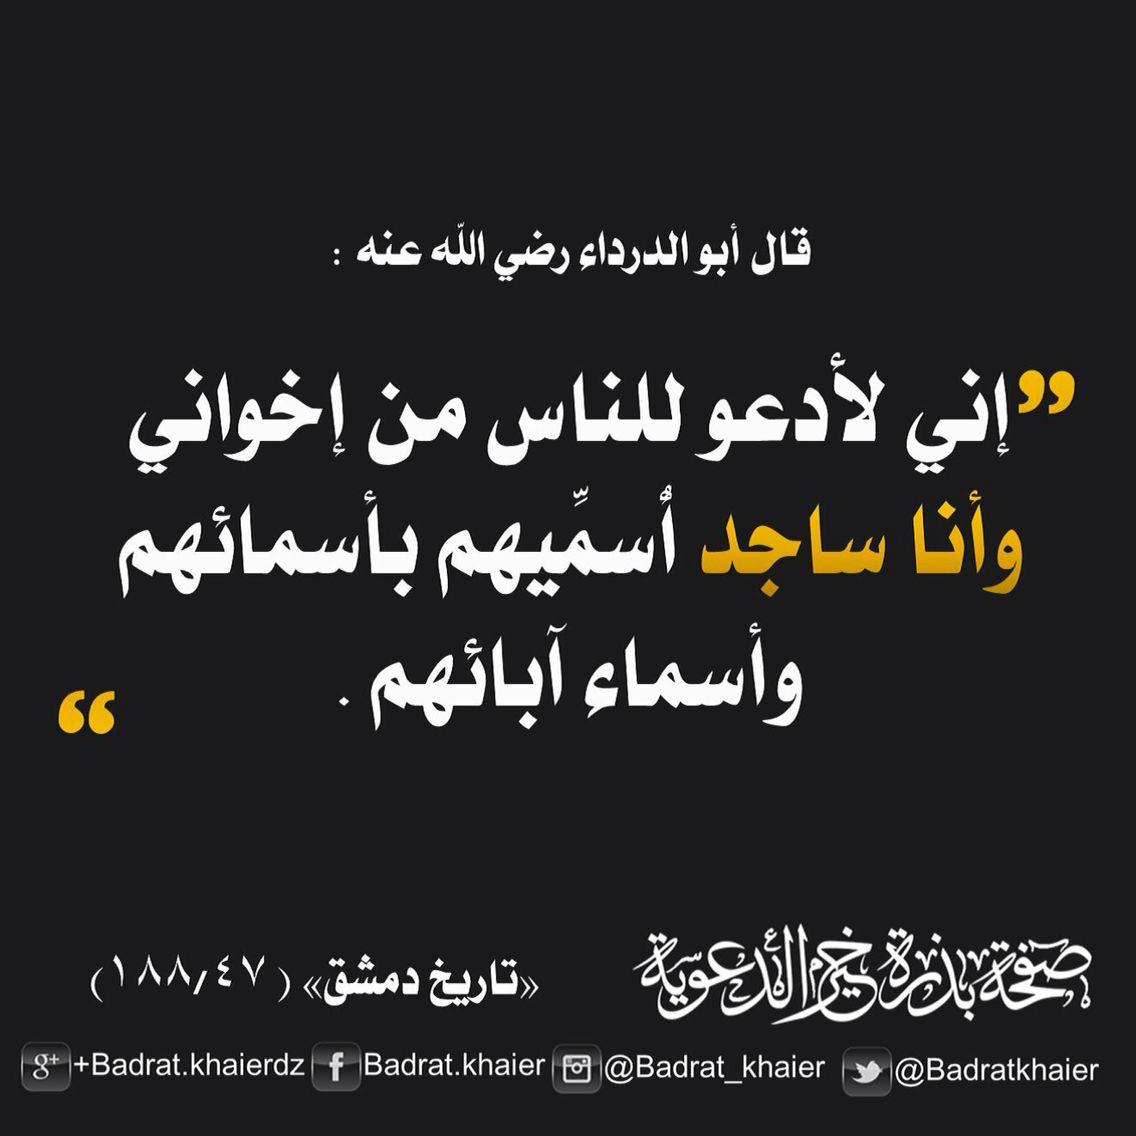 الدعاء للاصدقاء Calligraphy Arabic Calligraphy